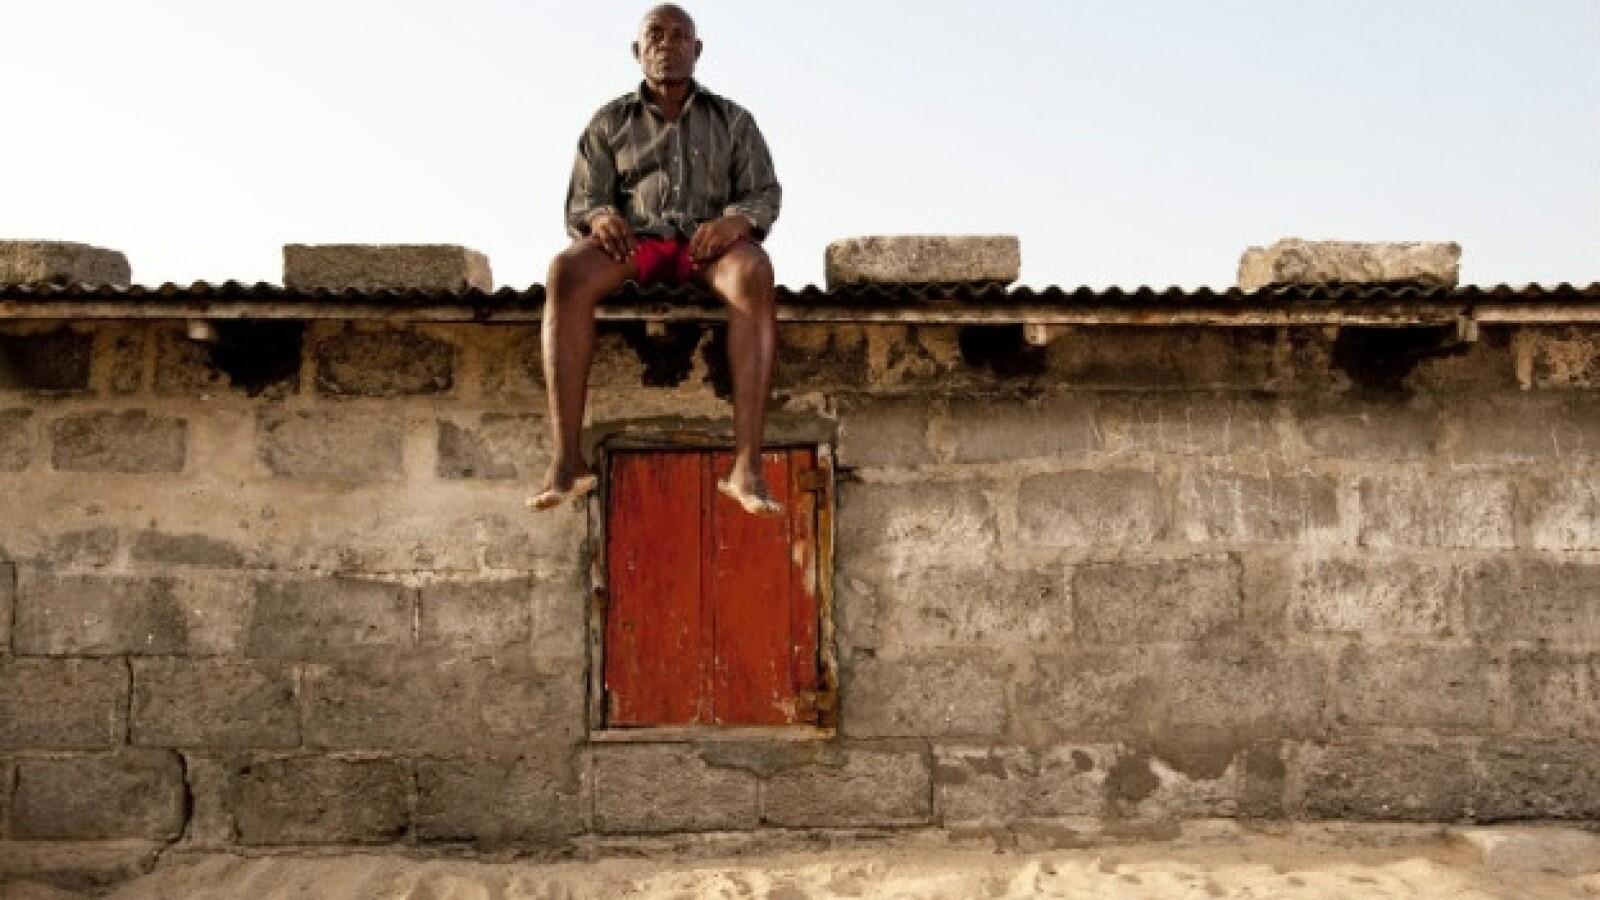 africa mali bienal fotografia cambio climatico 03